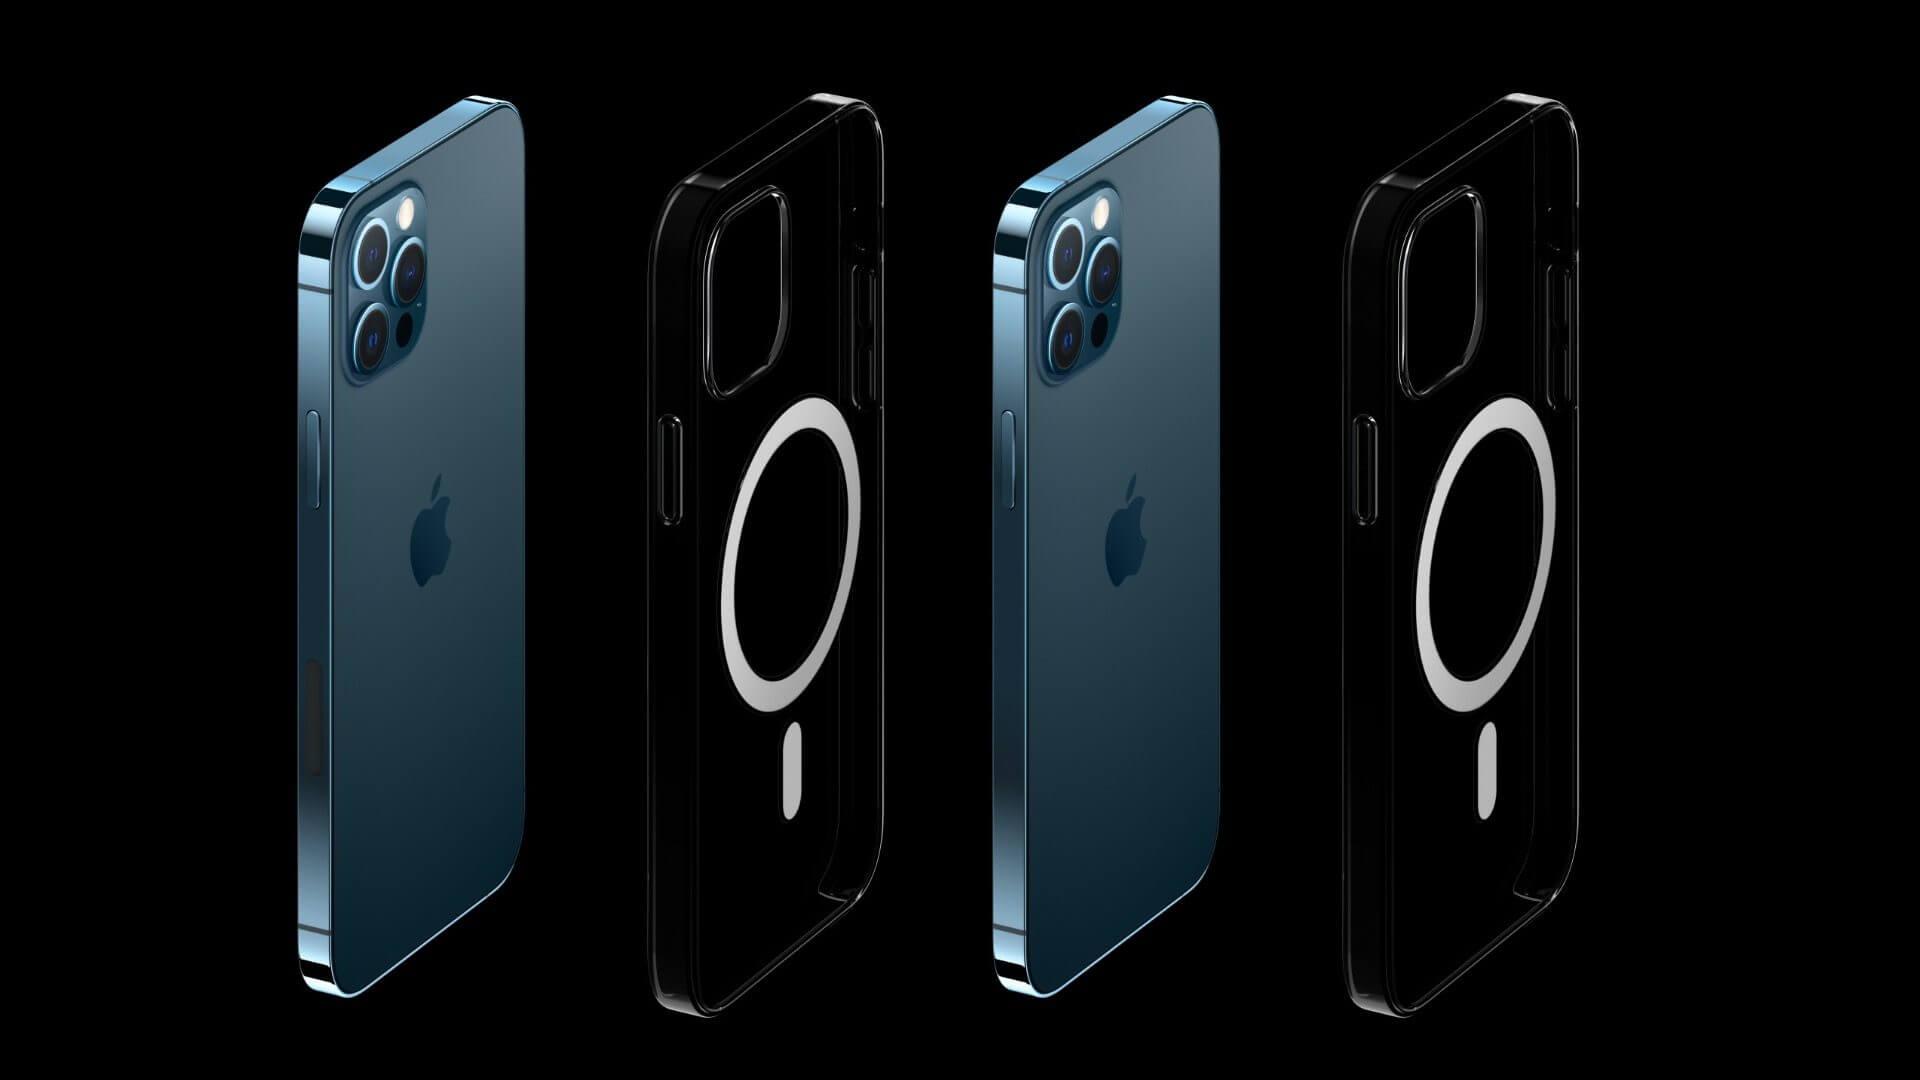 Модели iPhone 12 с 5G mmWave только для США, новый боковой вырез работает как антенна